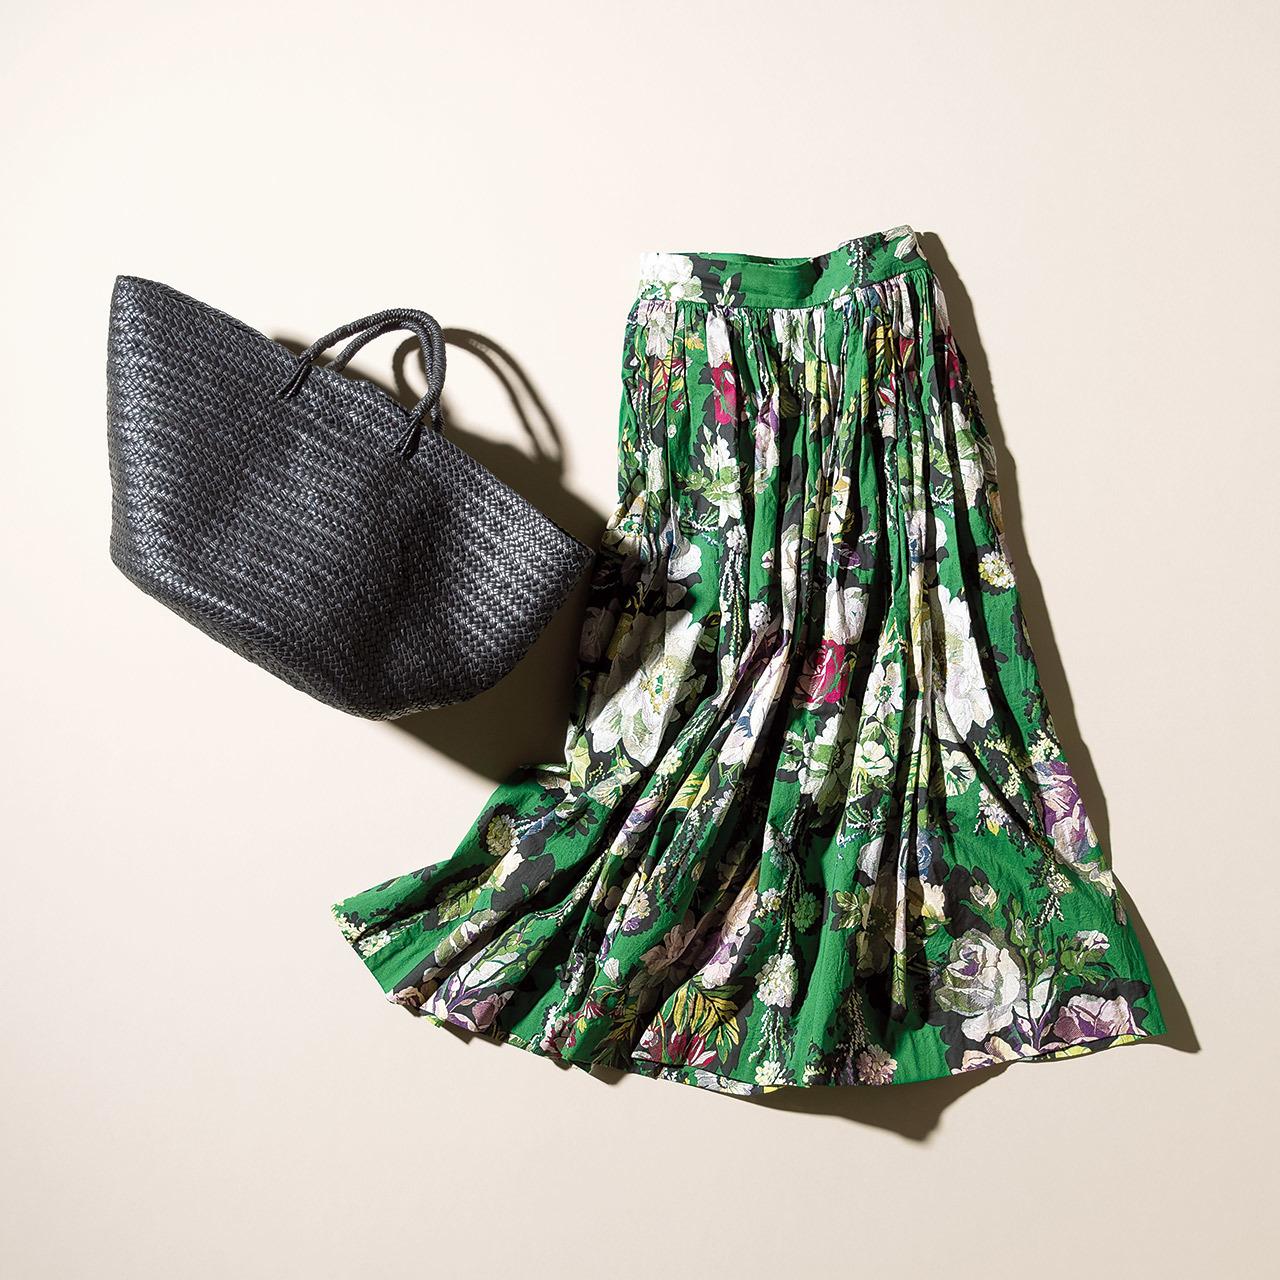 花柄ロングスカートと黒かごバッグ